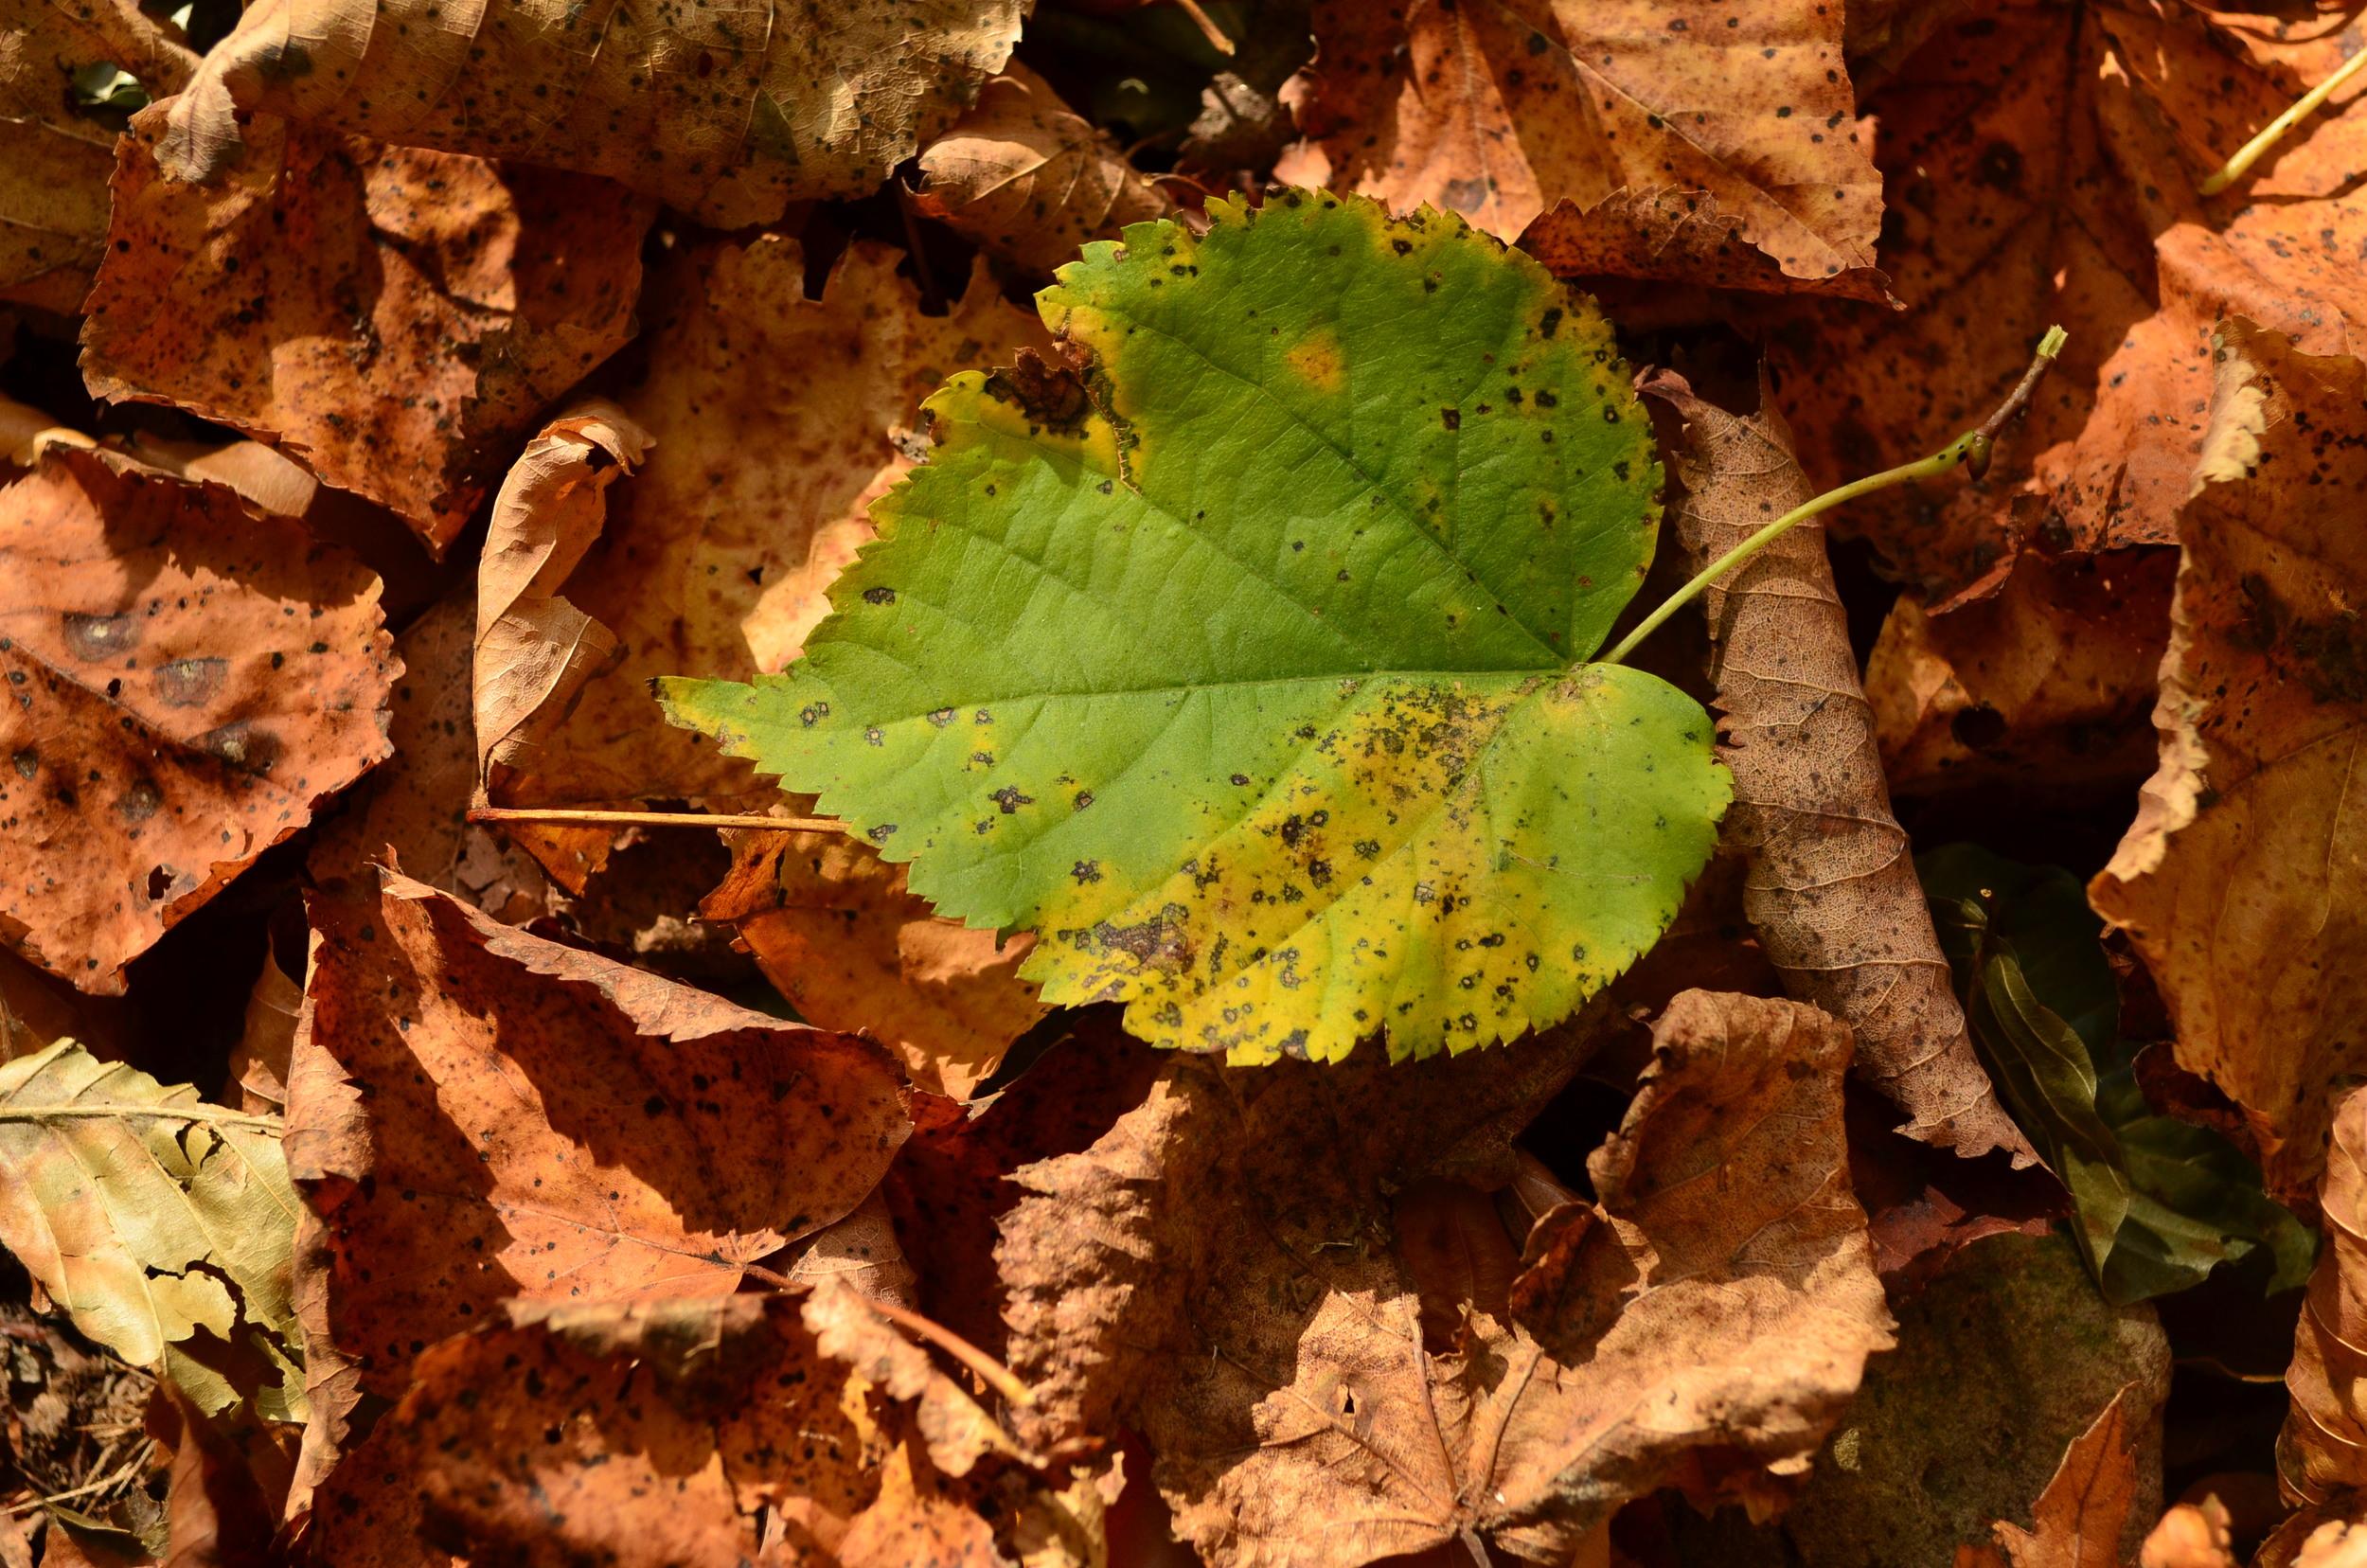 Tiglio selvatico,  Tilia cordata  (Malvaceae)